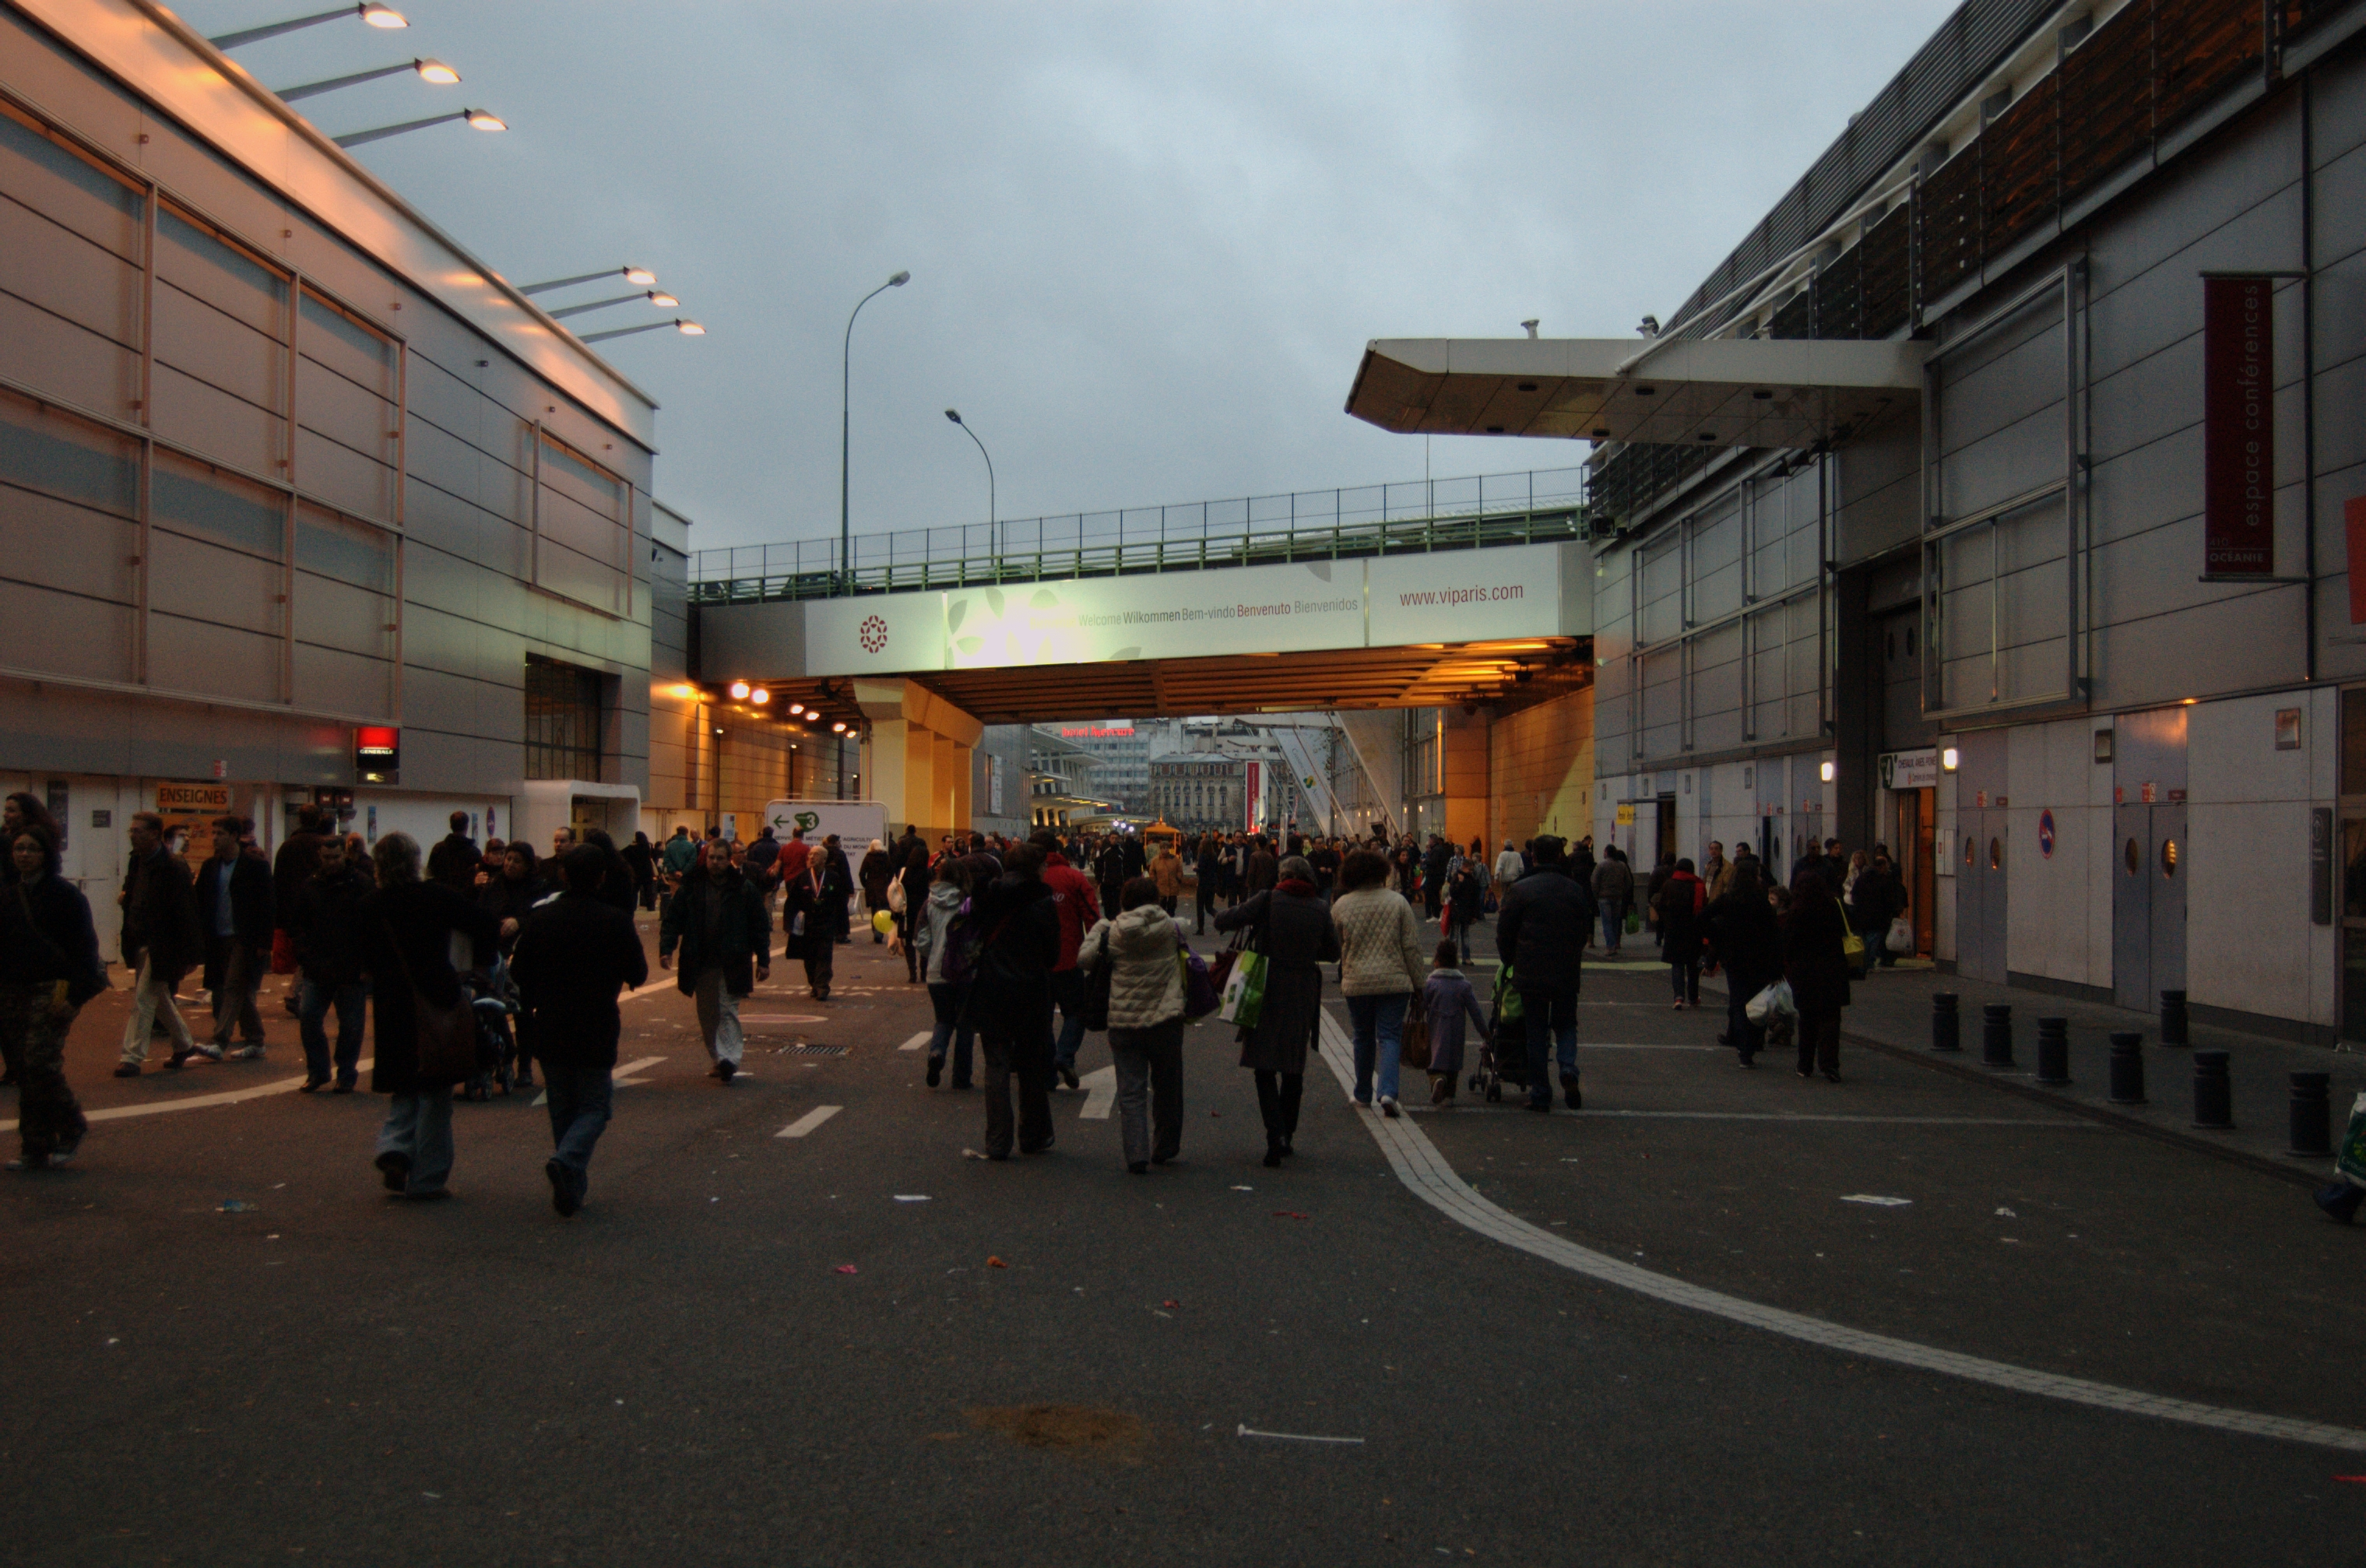 Parc des expositions de la porte de versailles for Porte de versailles salon des expositions